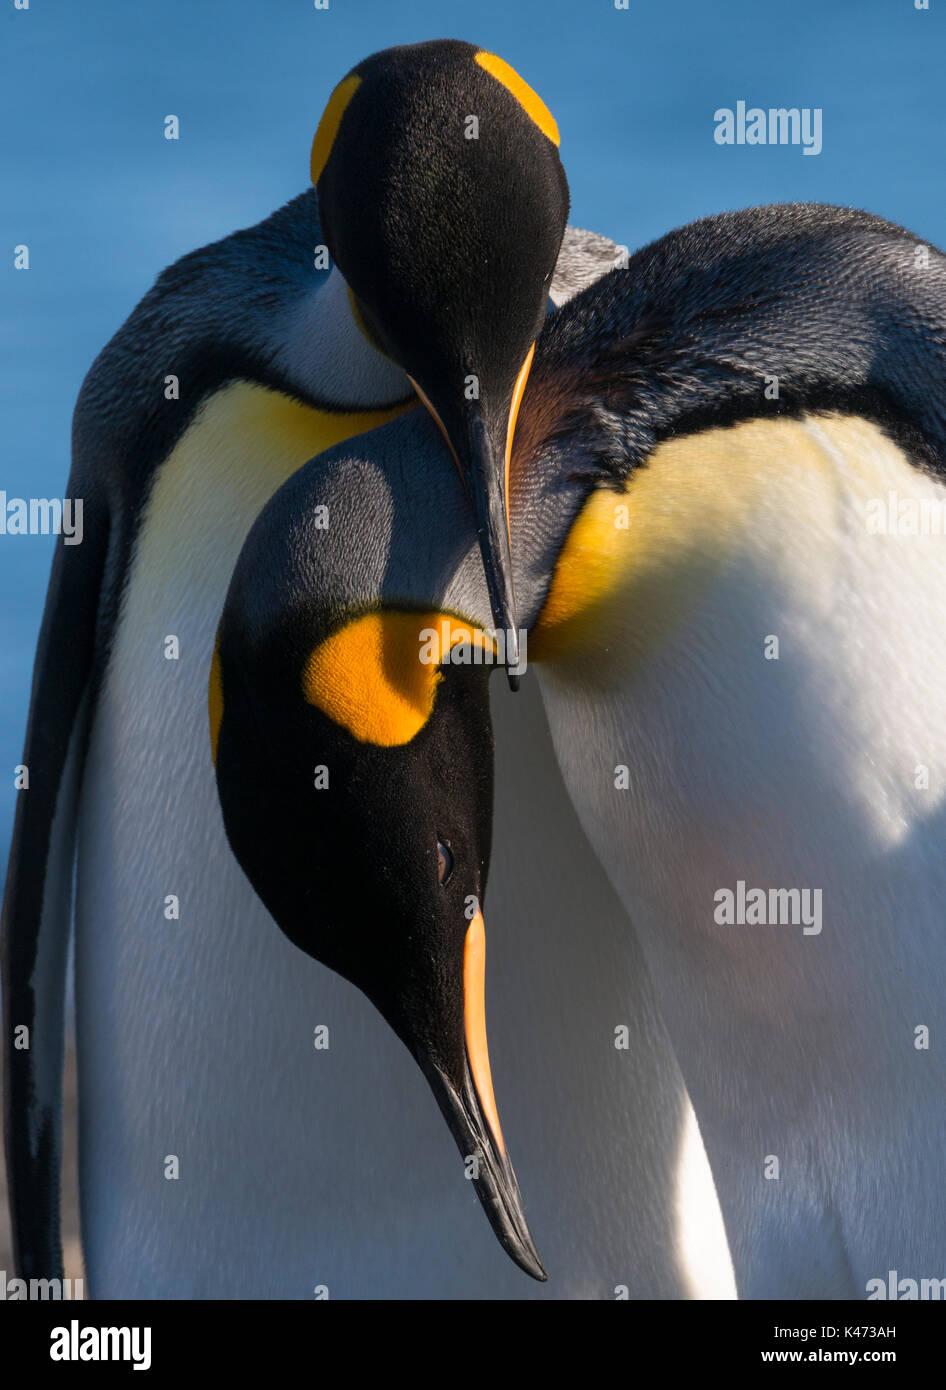 Pingüino Rey (Aptenodytes patagonicus) de Tierra del Fuego, Chile Imagen De Stock